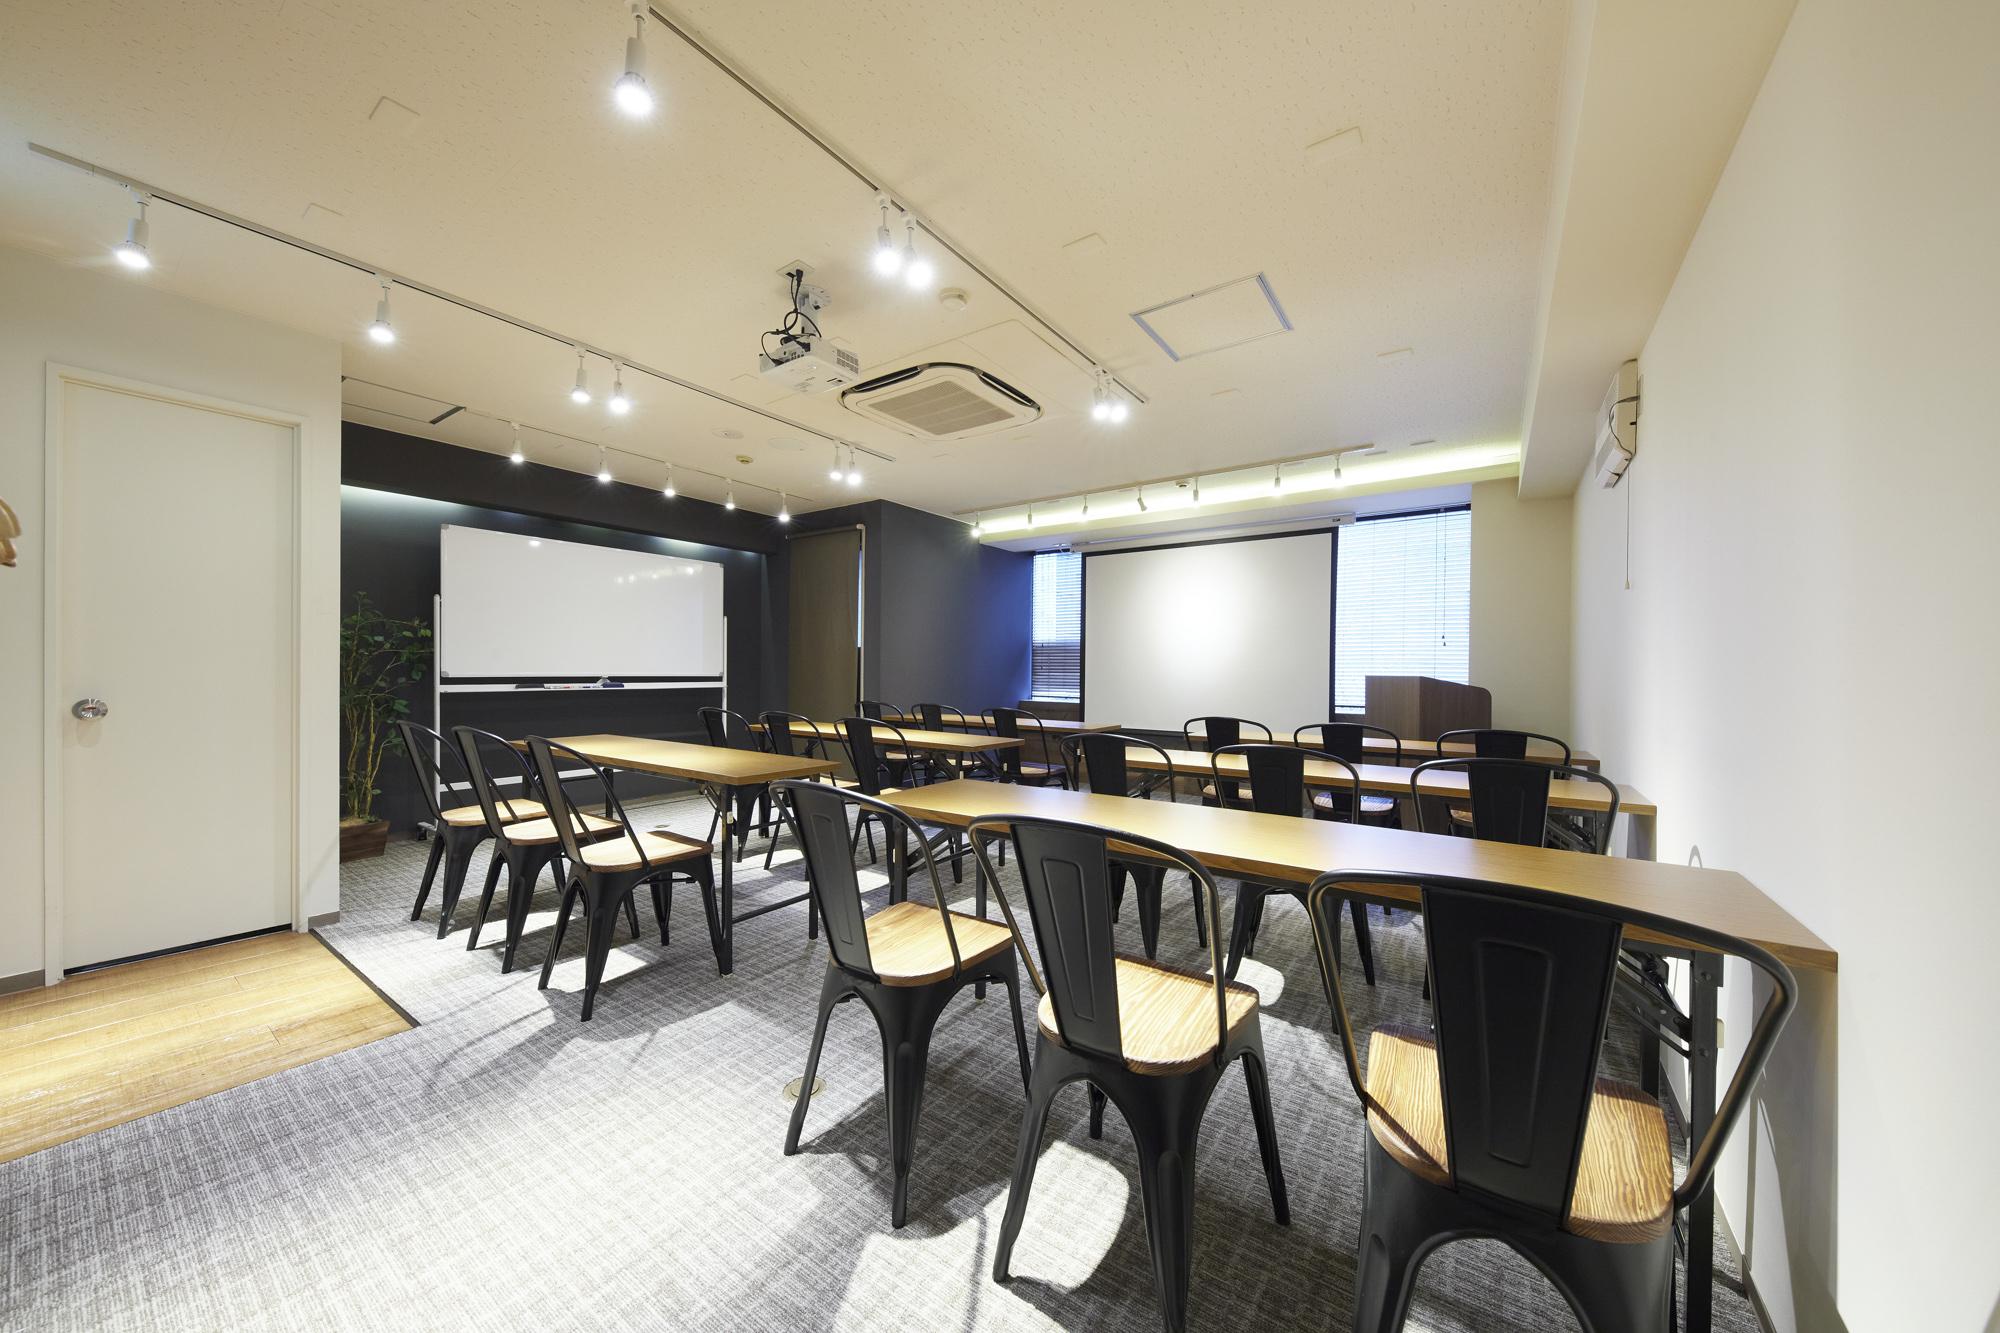 新宿の貸し会議室ならココ!TIME SHARING西新宿 TIME SHARING タイムシェアリング  スペースマネジメント あどばる adval SHARING